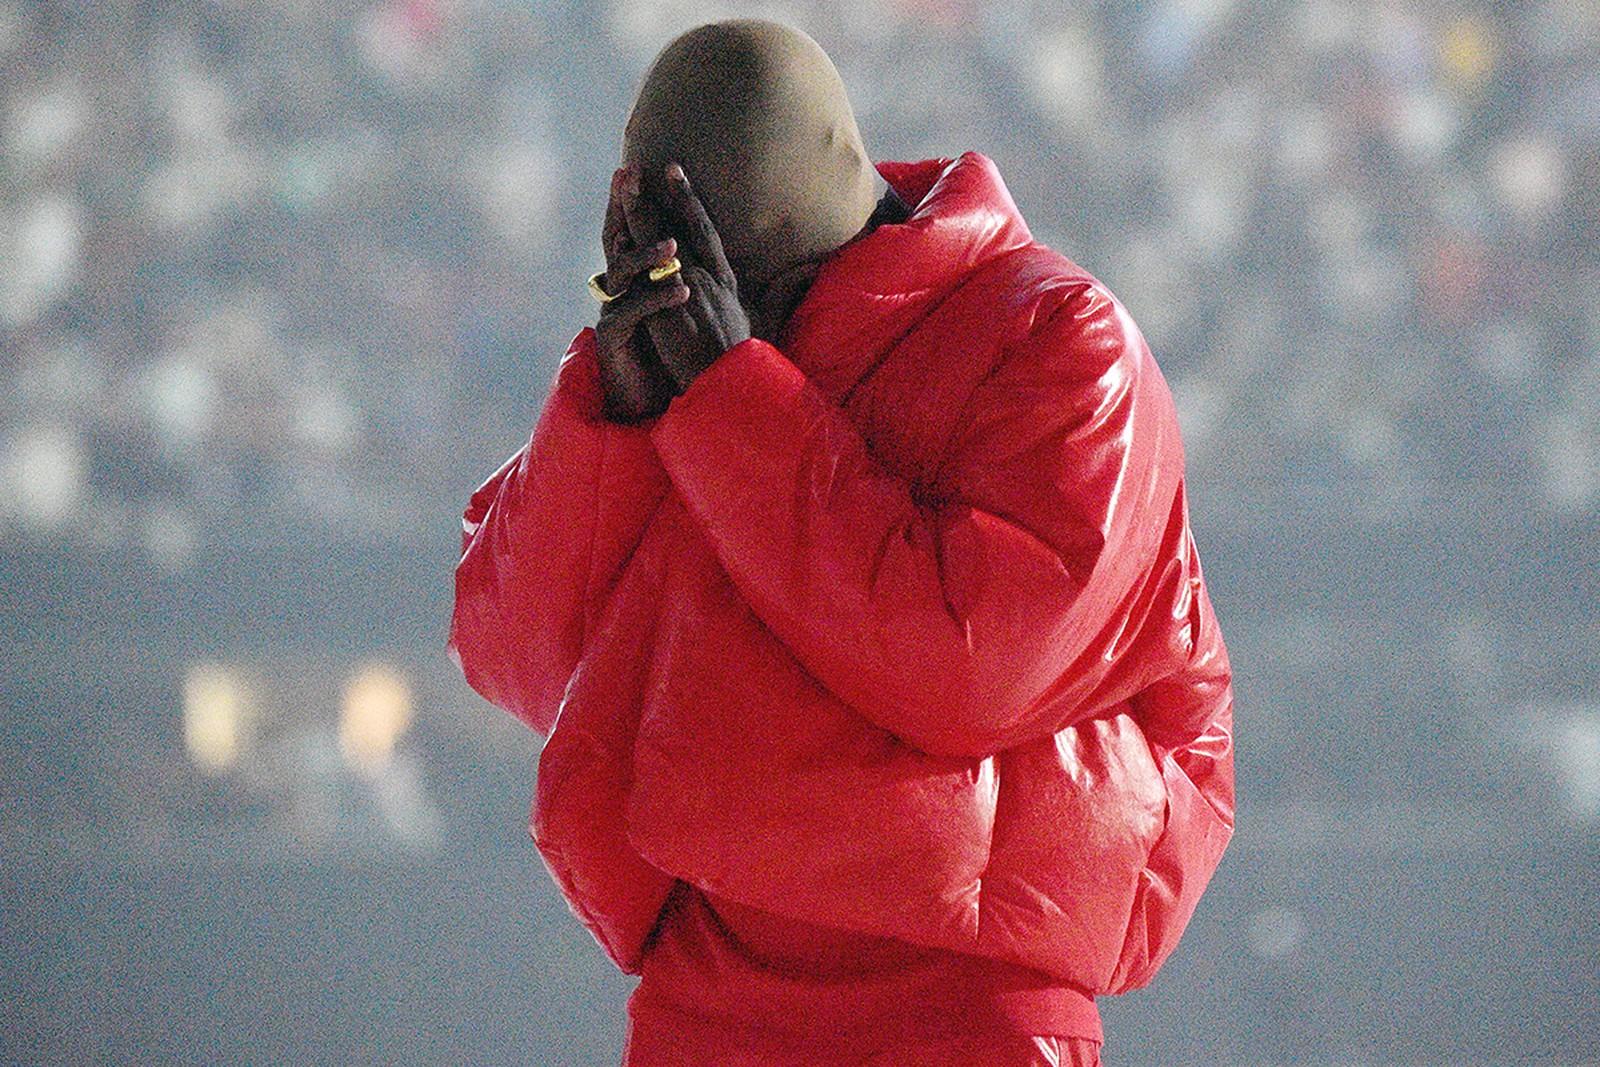 """Album """"Donda"""" od Kanye West został wydany!"""